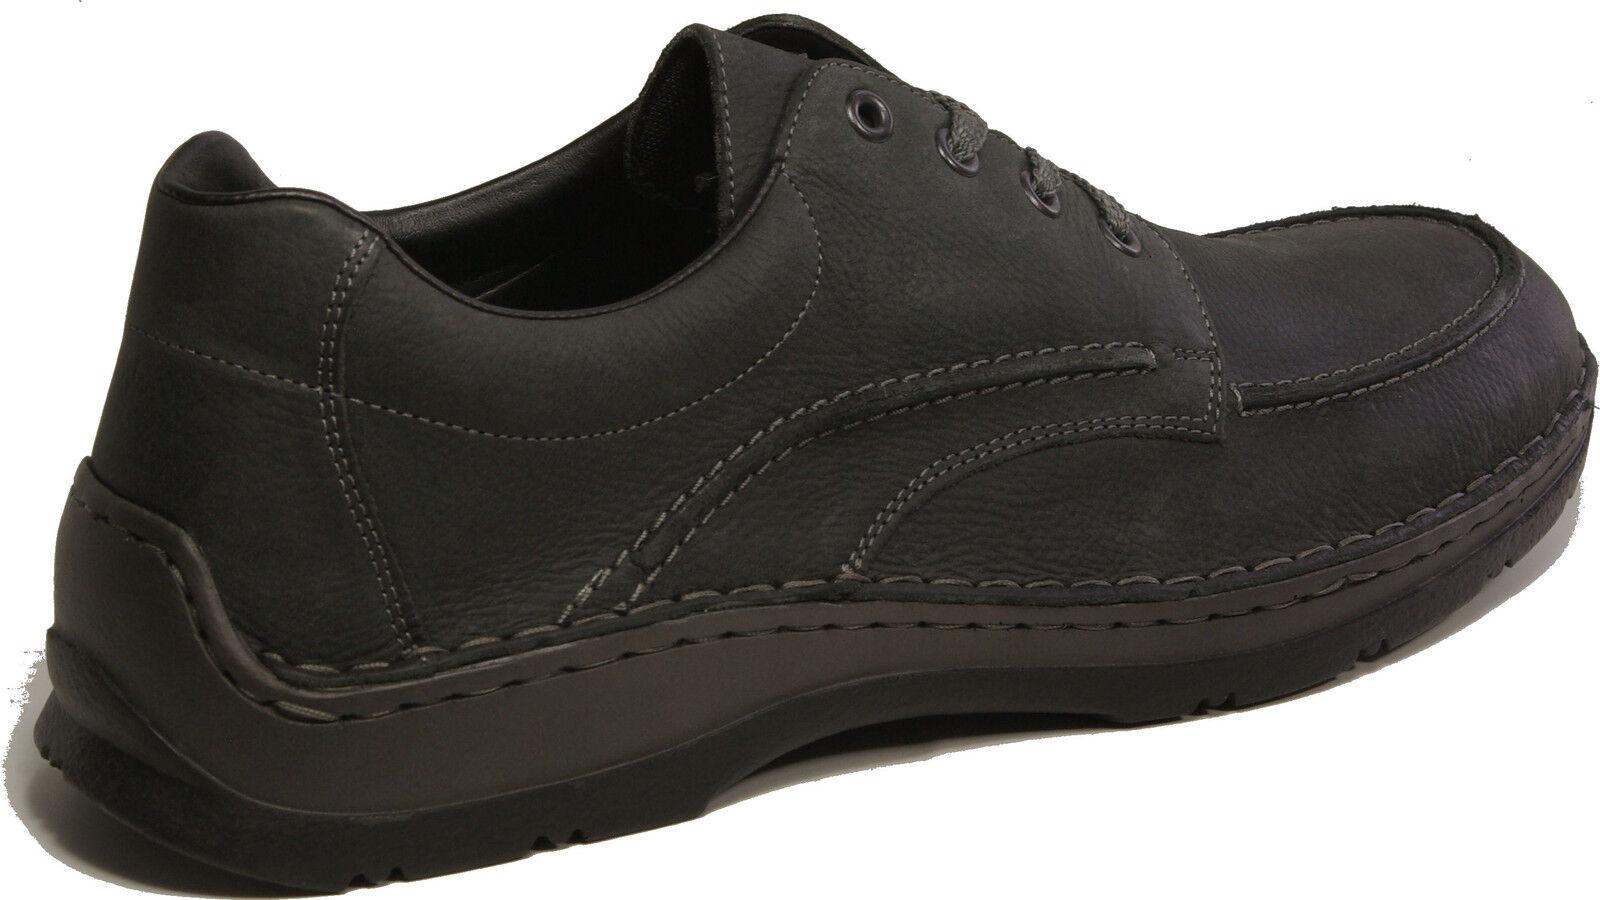 ... RIEKER Schuhe Halbschuhe NEU echt Leder Schnürschuhe NEU Halbschuhe  grauschwarz 1d5ec1 ... 92ee981fe8